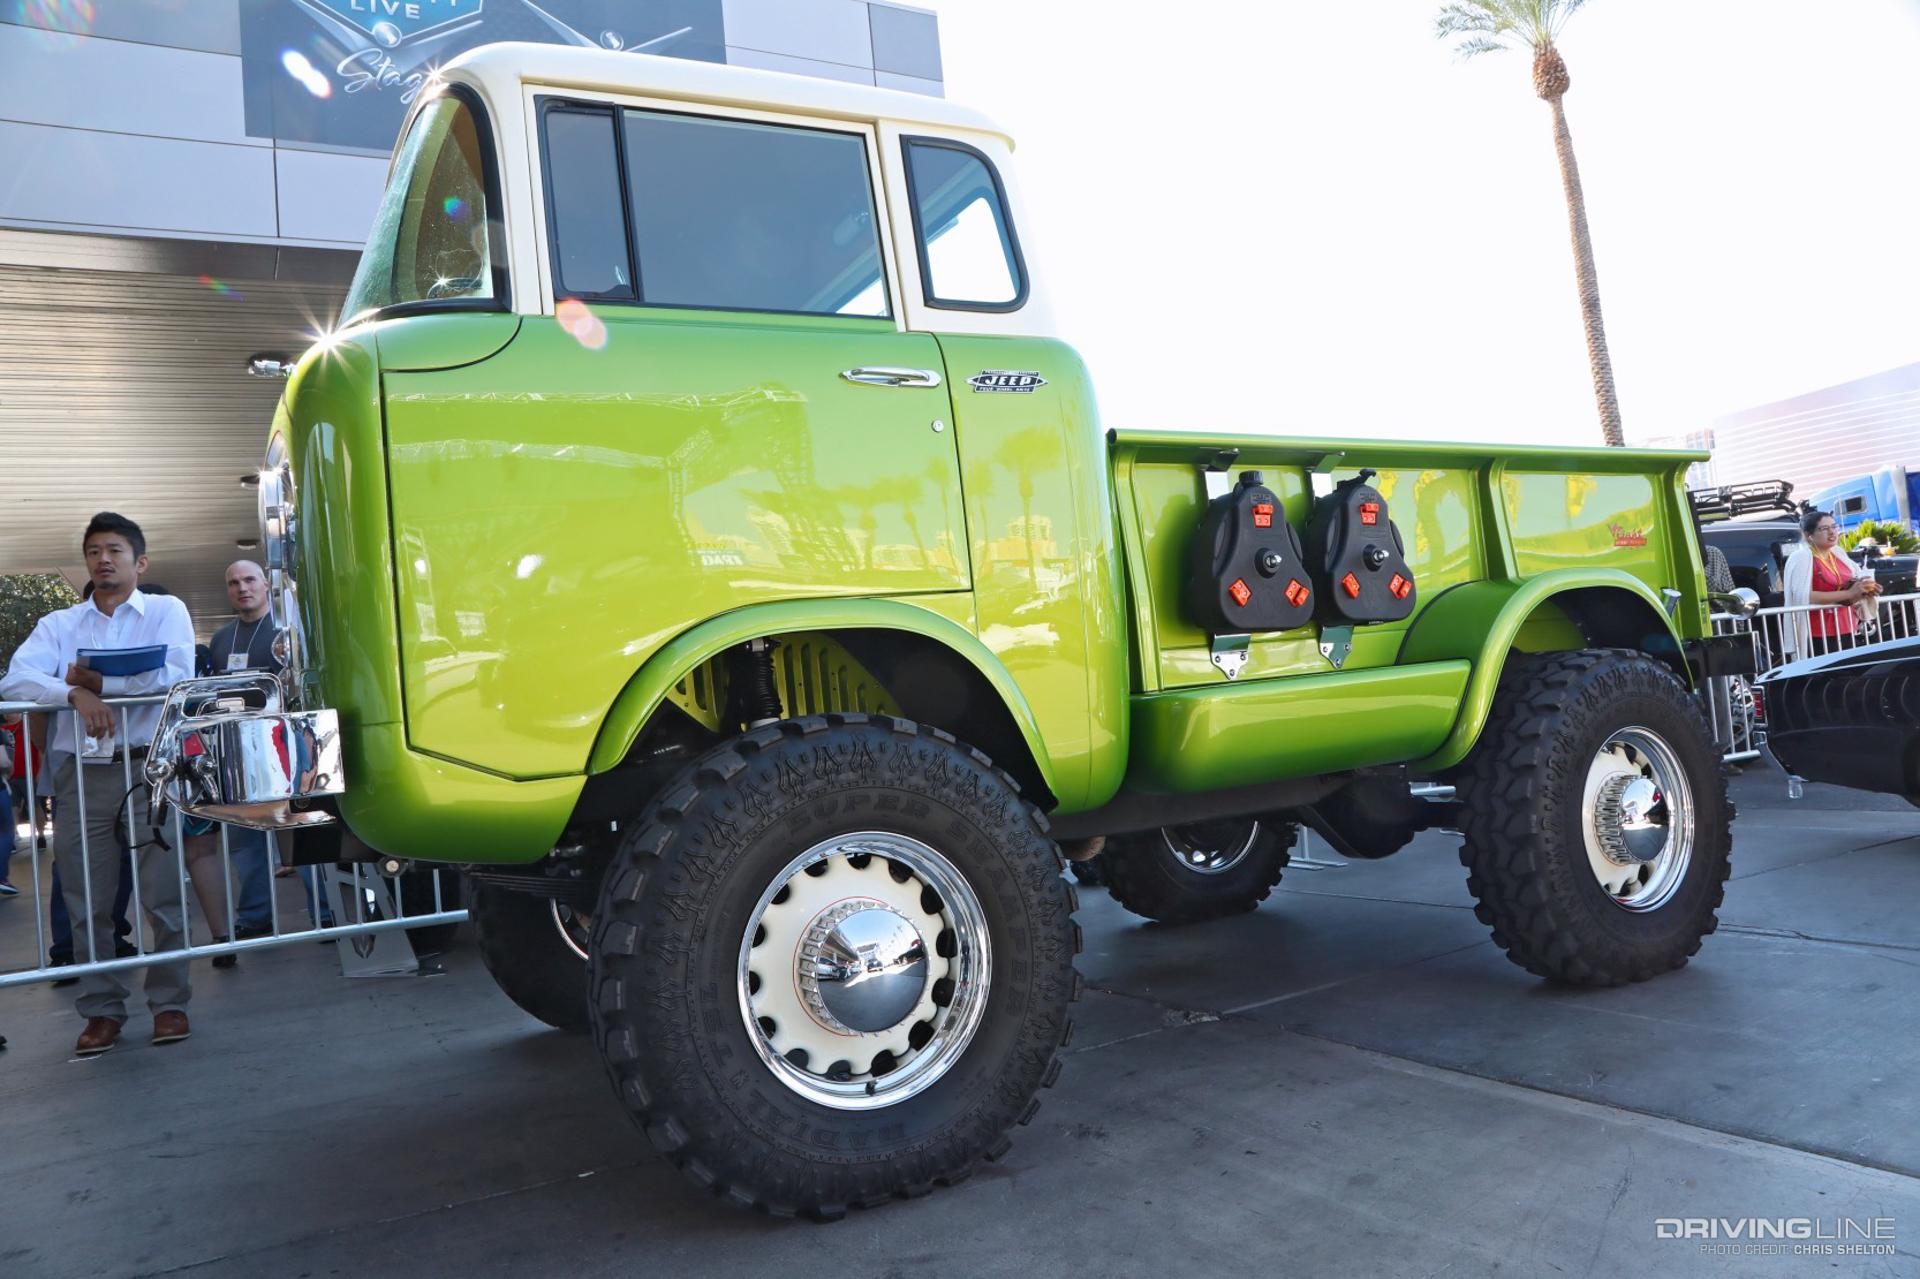 Best Diesel Truck 2016 >> 2016 Battle of the Builders: SEMAs Top 10 Duke It Out | DrivingLine